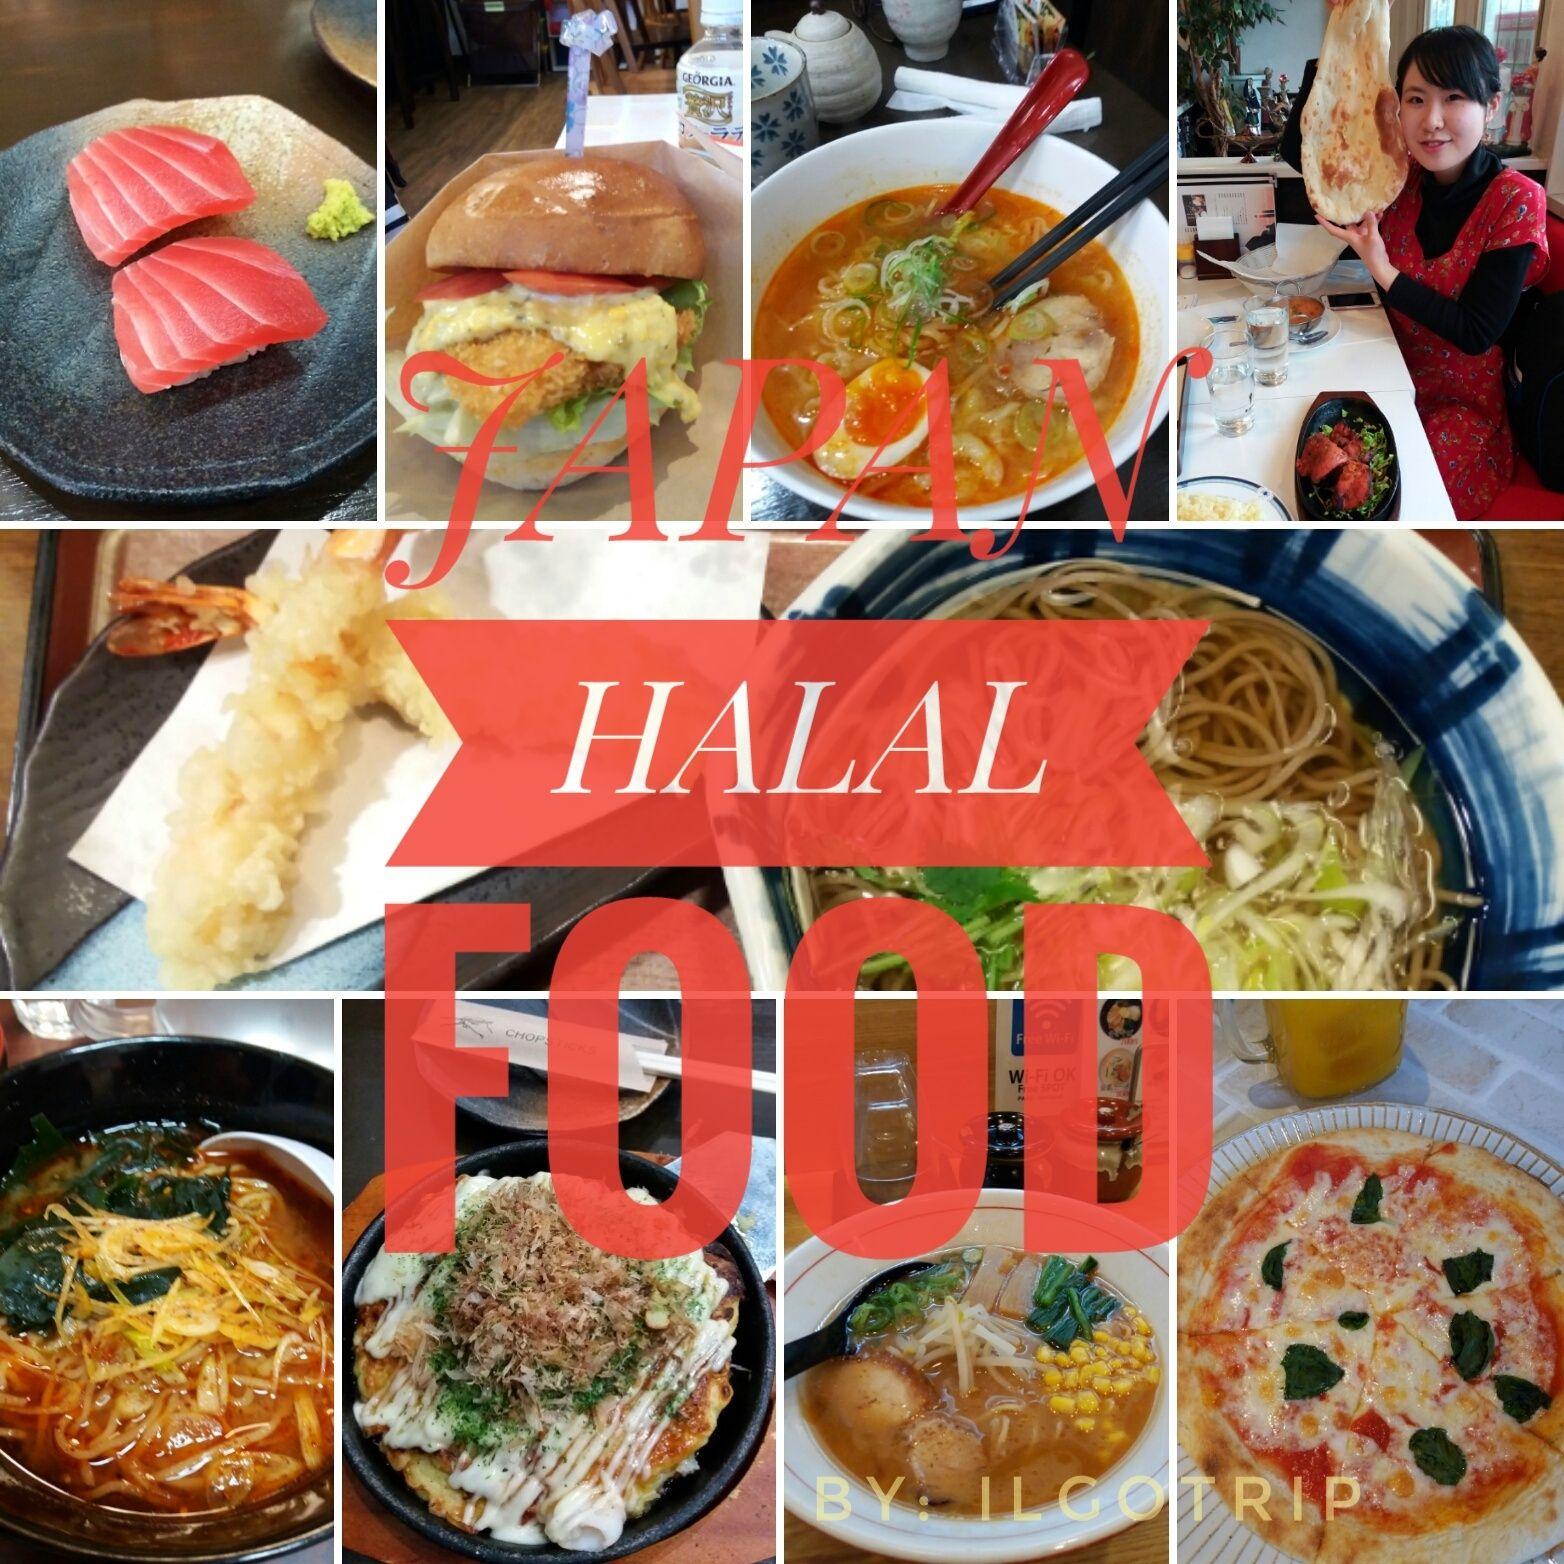 Japan Halal Food Tempat Makan Halal Di Jepang Jepang Makanan Jepang Makanan